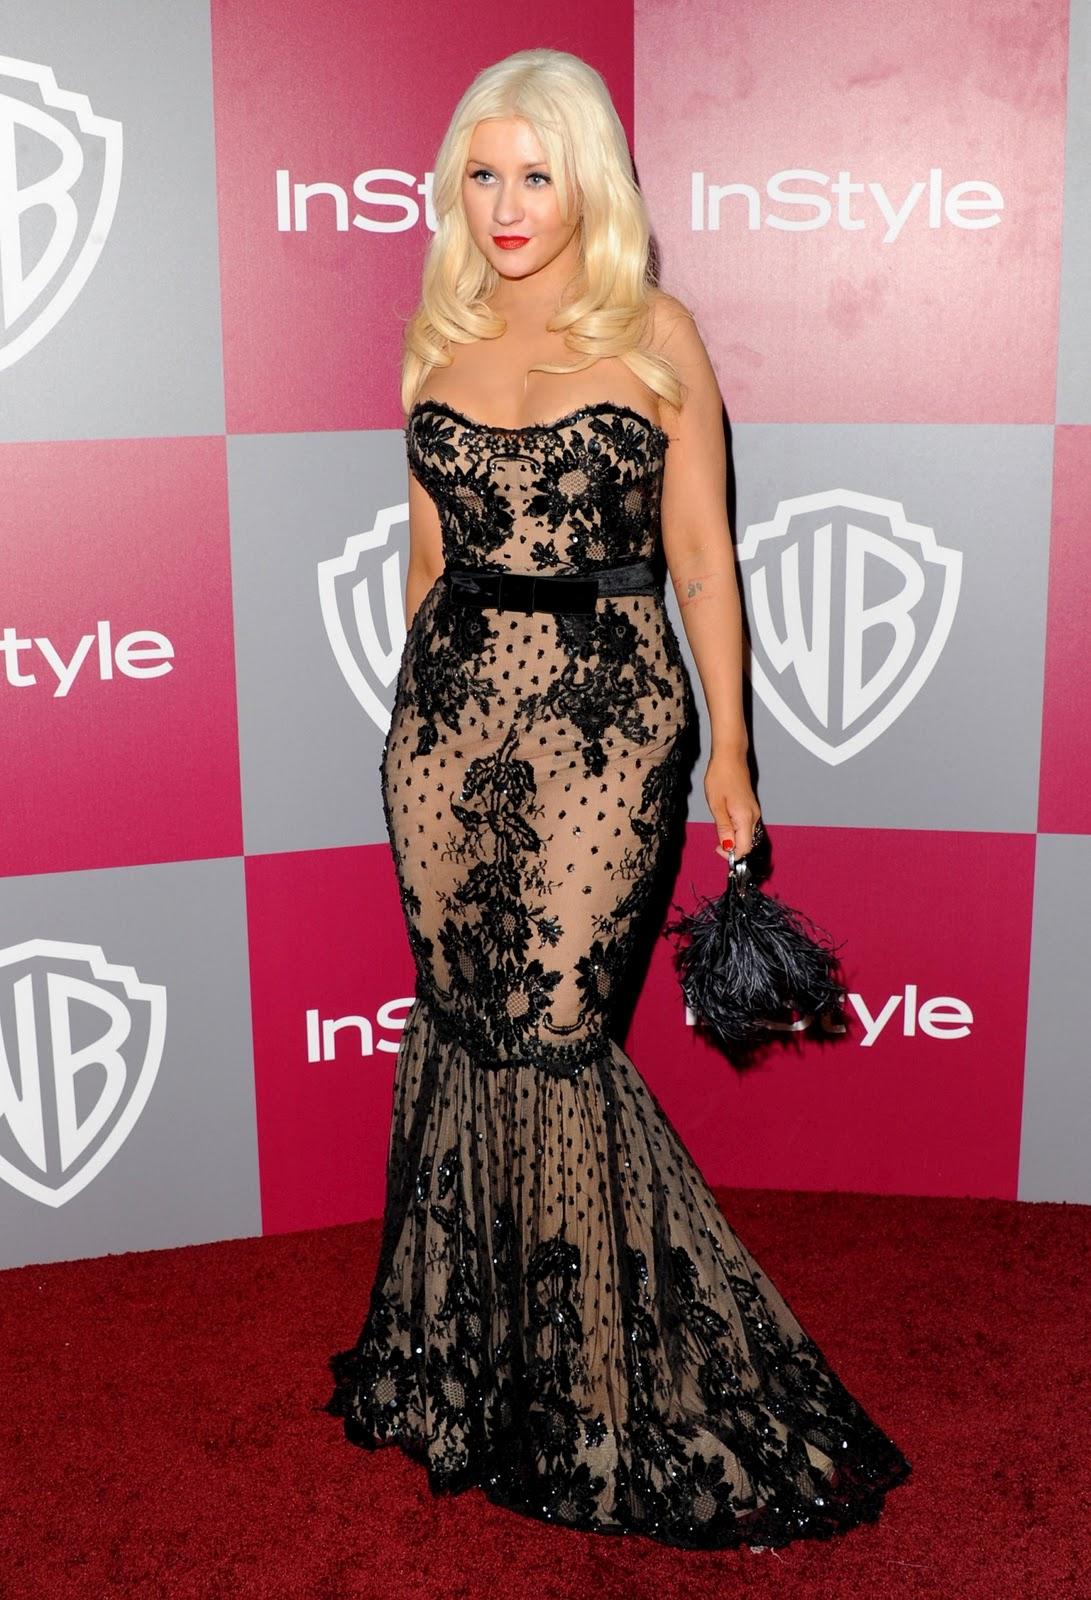 http://3.bp.blogspot.com/_u90AC4da1zY/TTVZfb9f6sI/AAAAAAAAP_Y/PizFJ1vjzaw/s1600/Christina-Aguilera-15.jpg